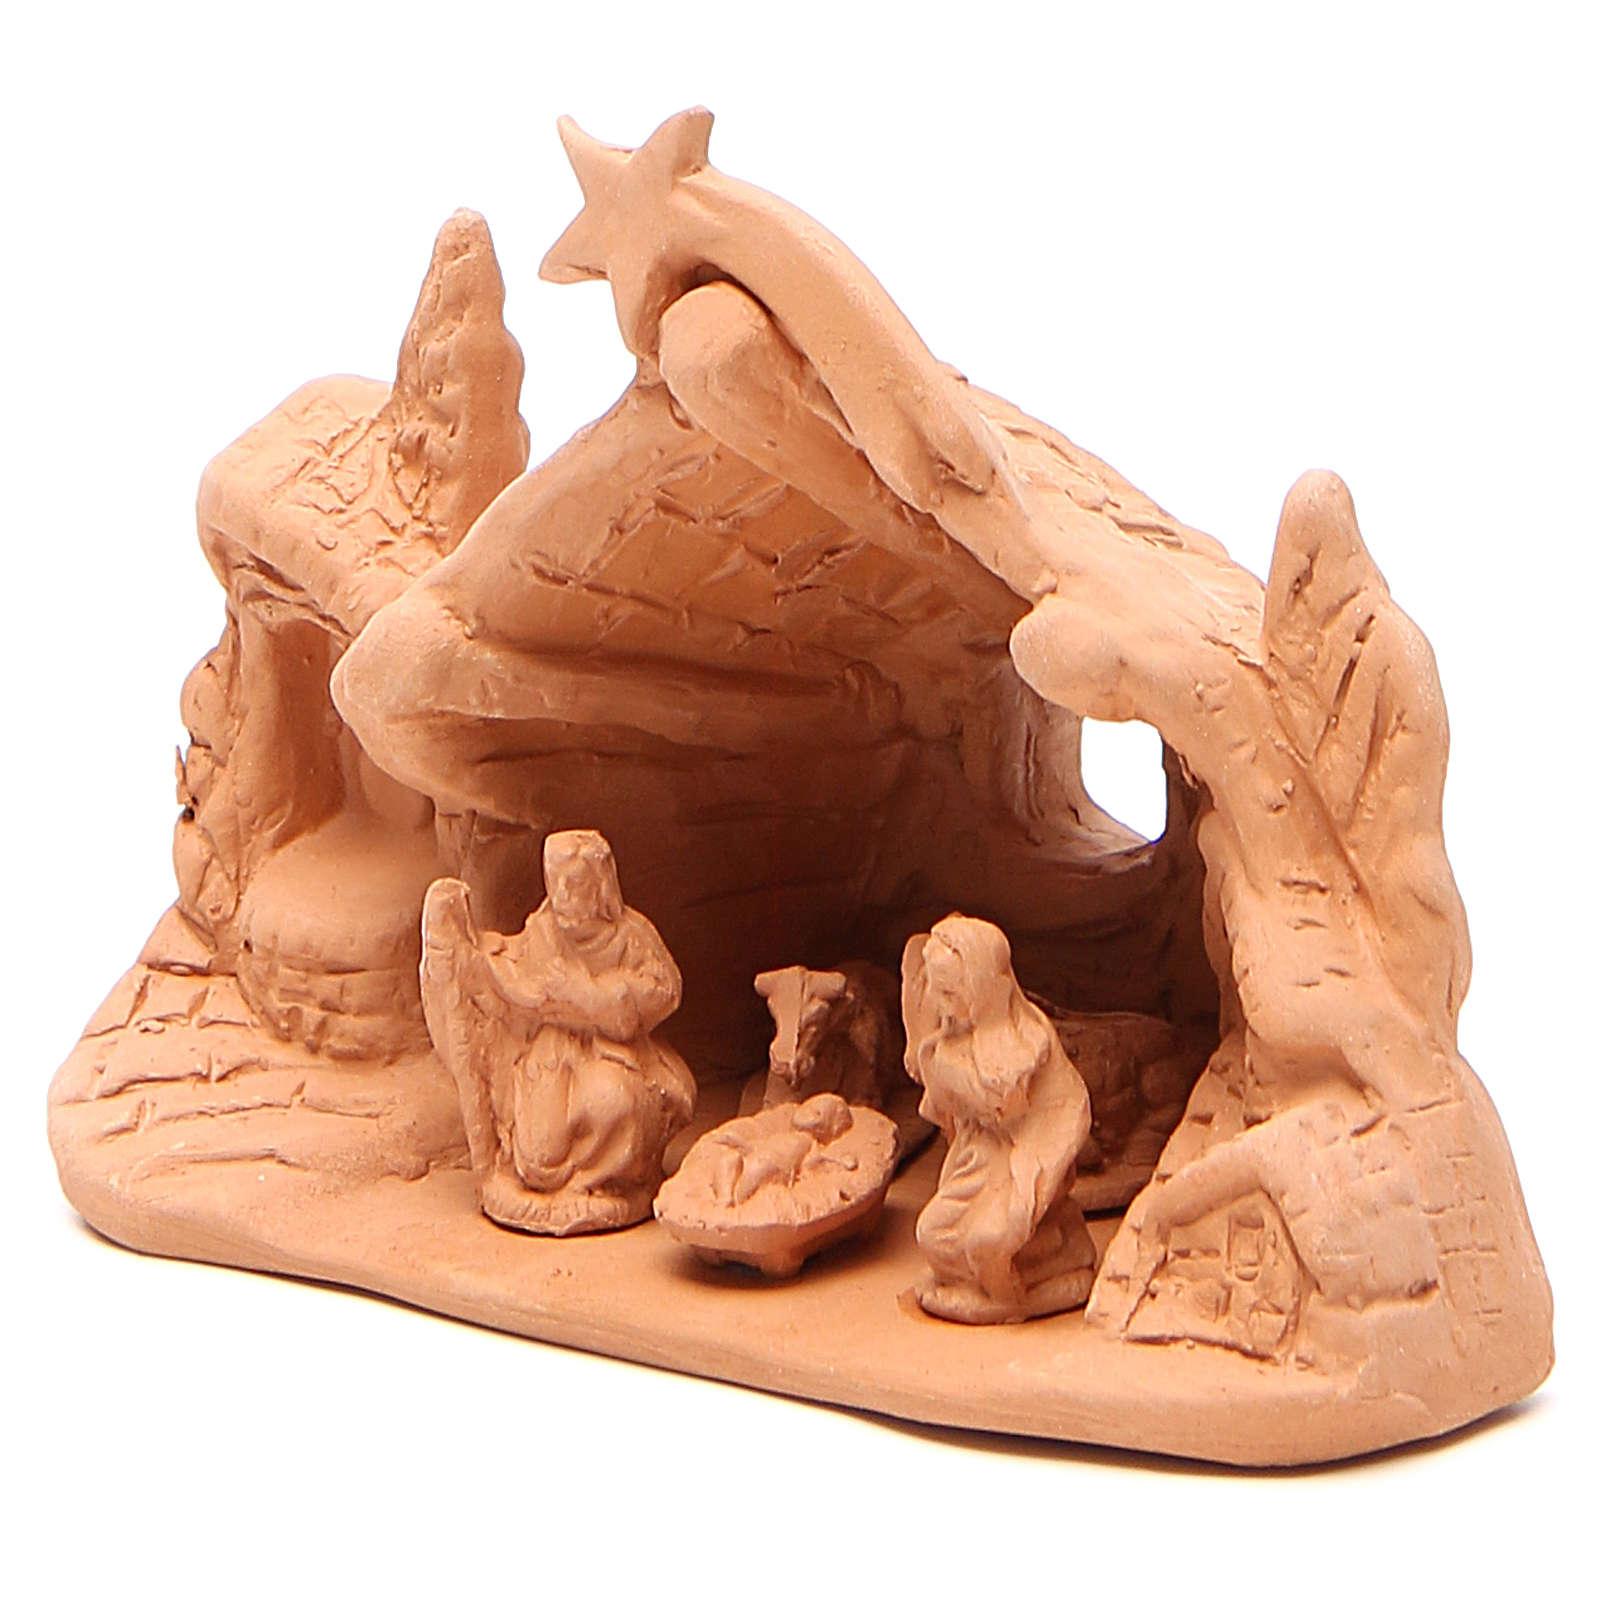 Nativité avec grotte en terre cuite 10x14x6 cm 4